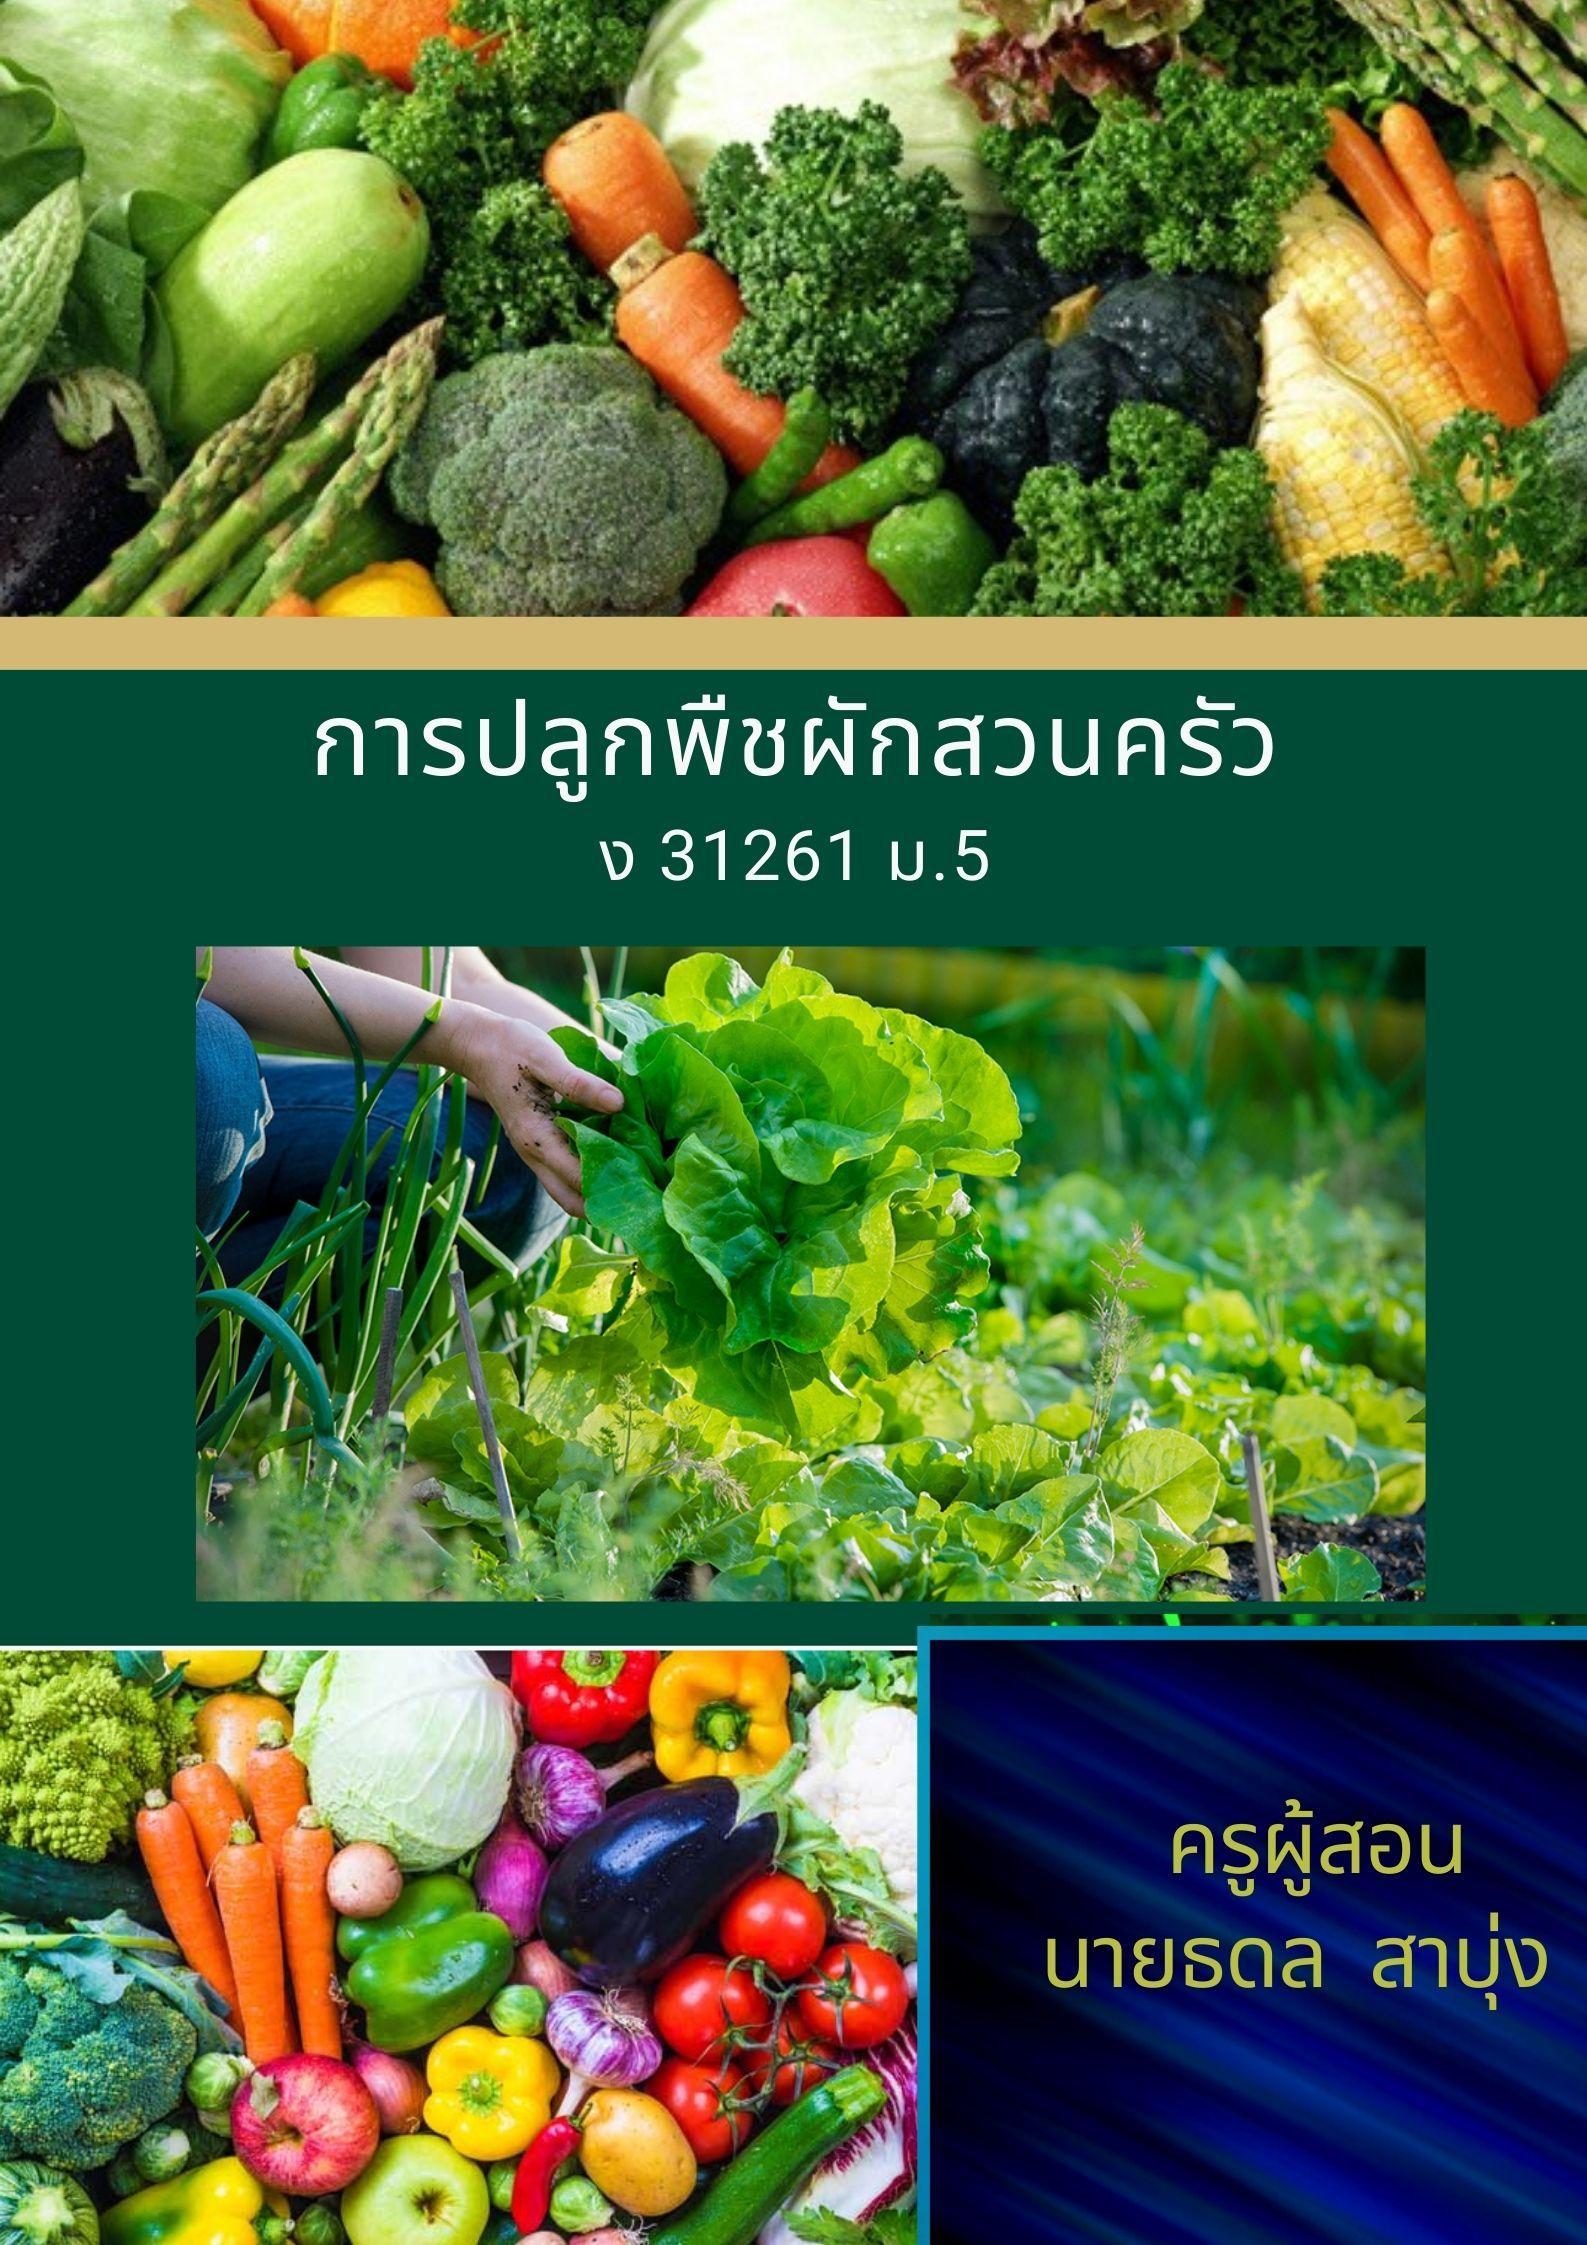 การปลูกพืชผักสวนครัว ม.4 เทอม 1